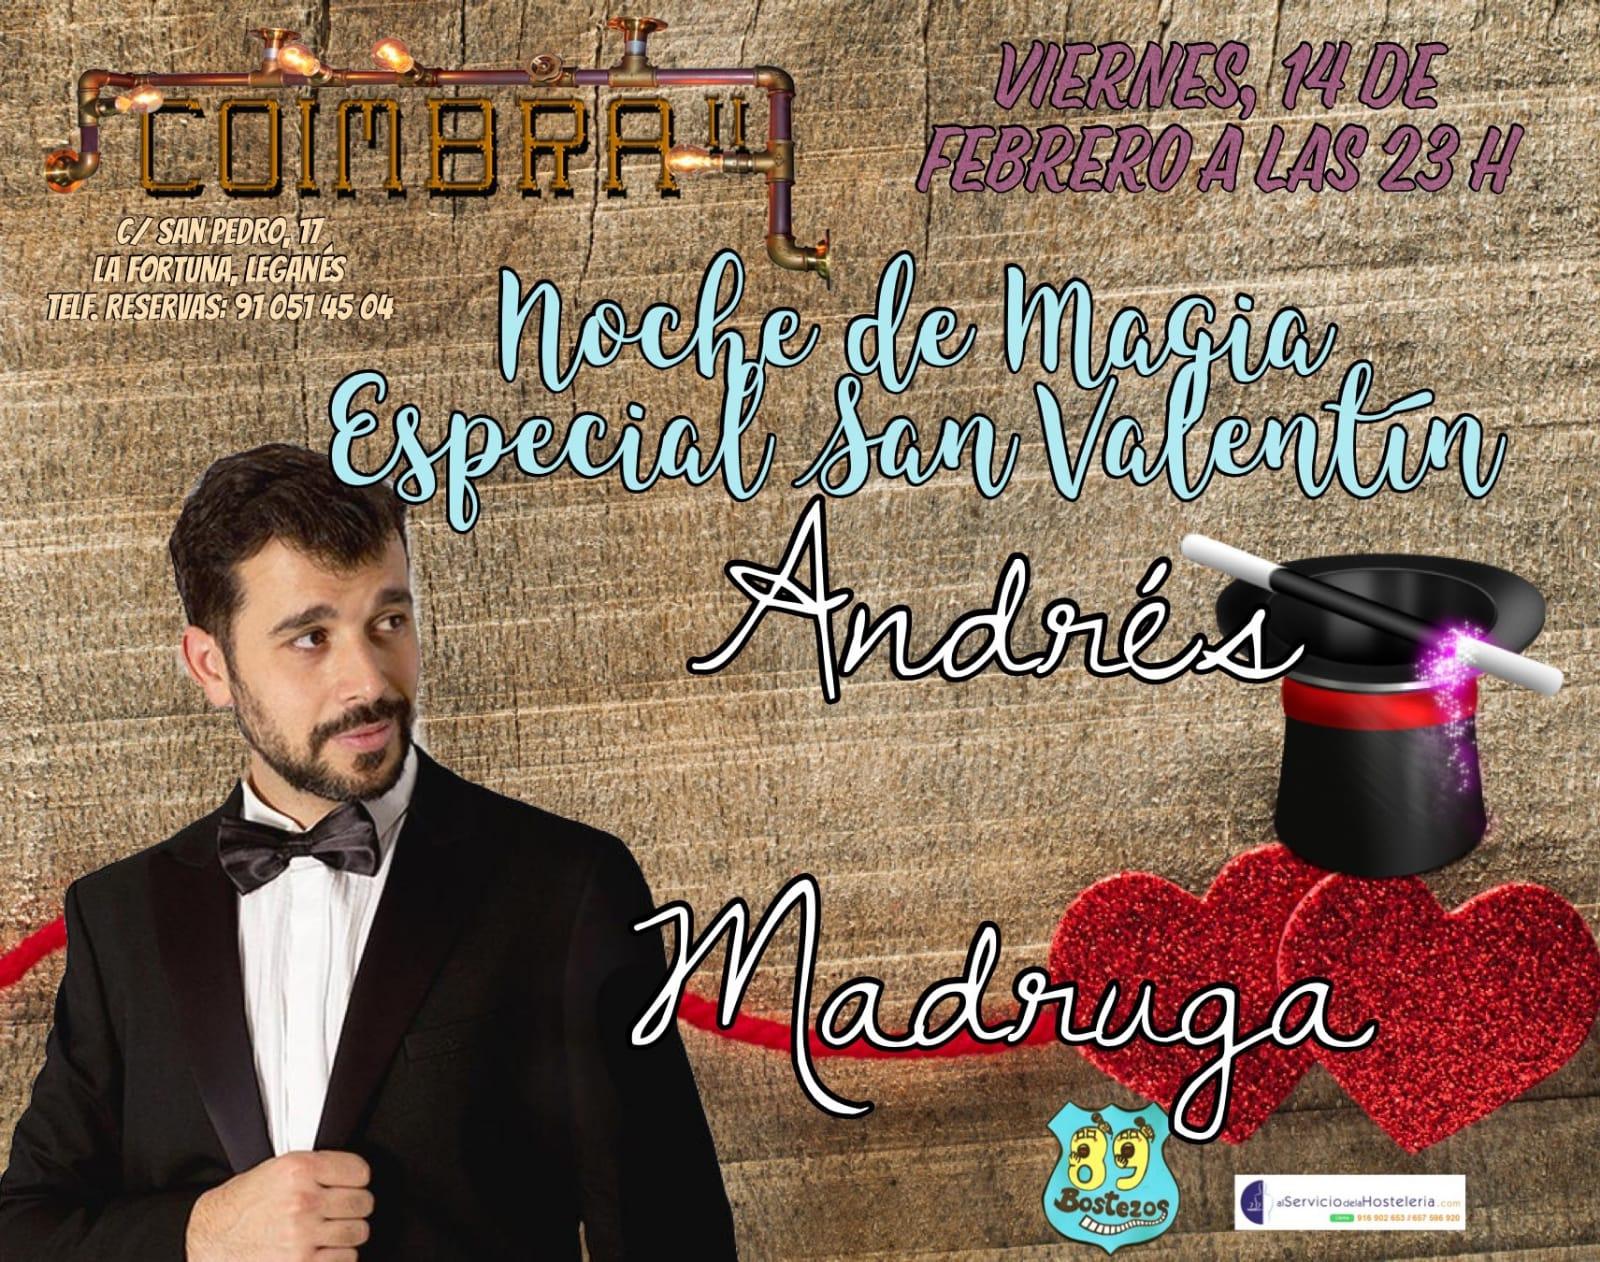 Especial San Valentín Noche de Magia con Andrés Madruga en el Coimbra